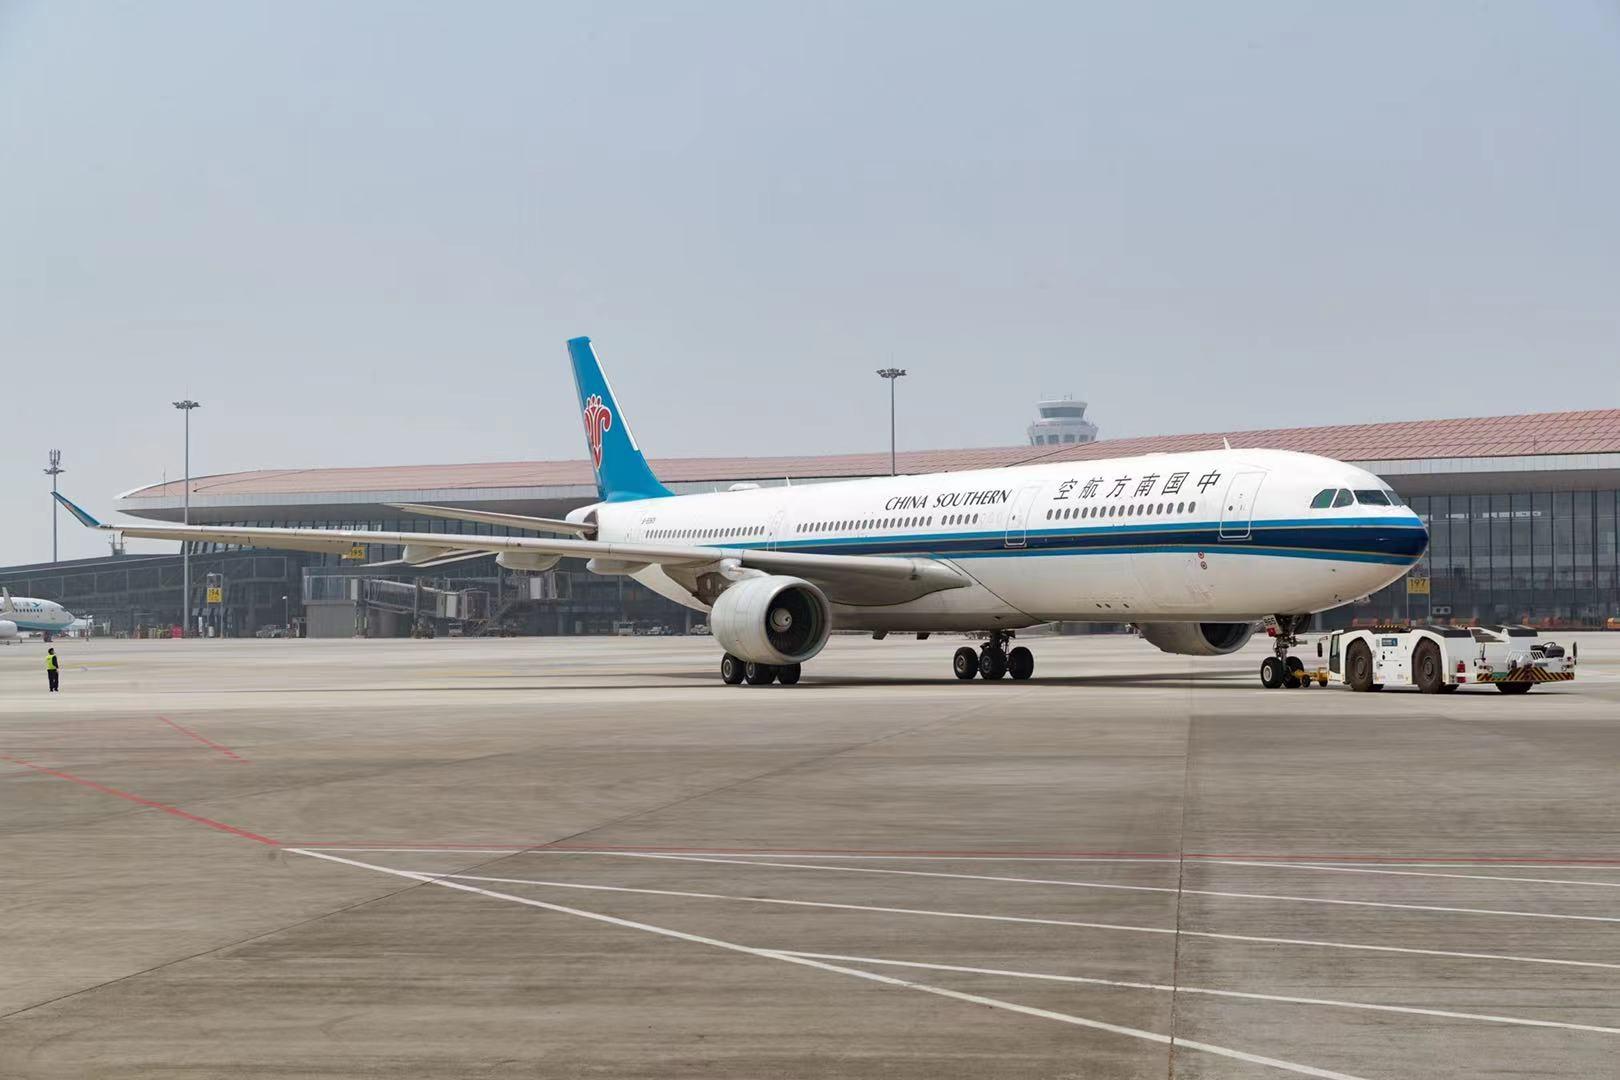 南航双节期间加大大兴机场运力投入  航空市场回暖明显